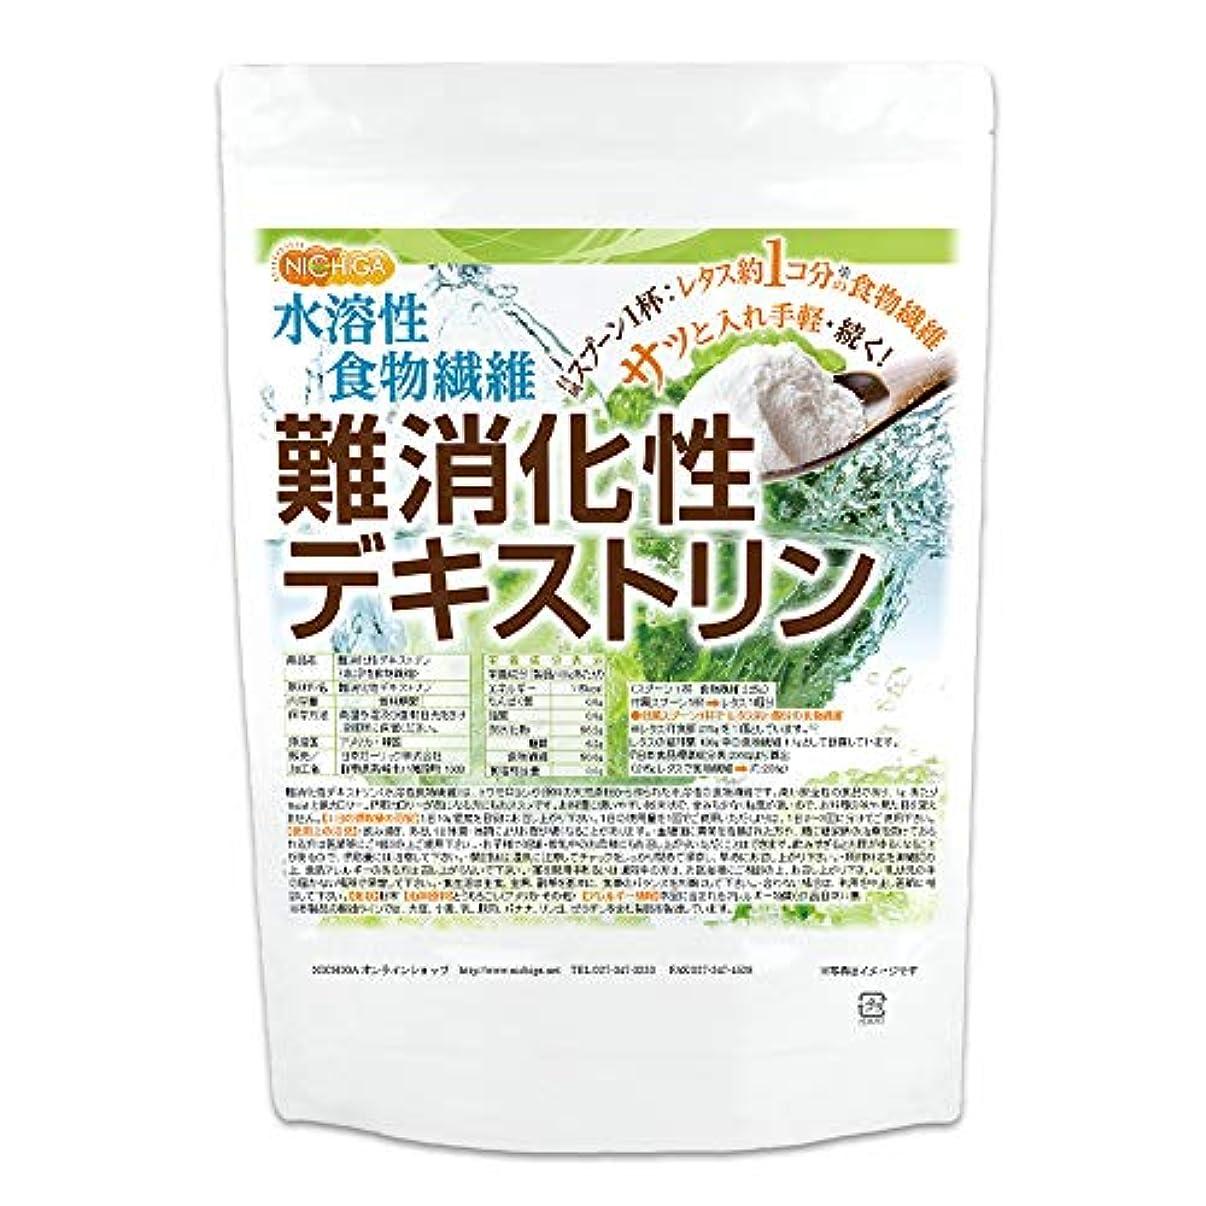 医療の国家ボウル難消化性デキストリン 500g 製品のリニューアル致しました 水溶性食物繊維 [01] NICHIGA(ニチガ) 付属のスプーン1杯2.5gで、約レタス1個分の食物繊維